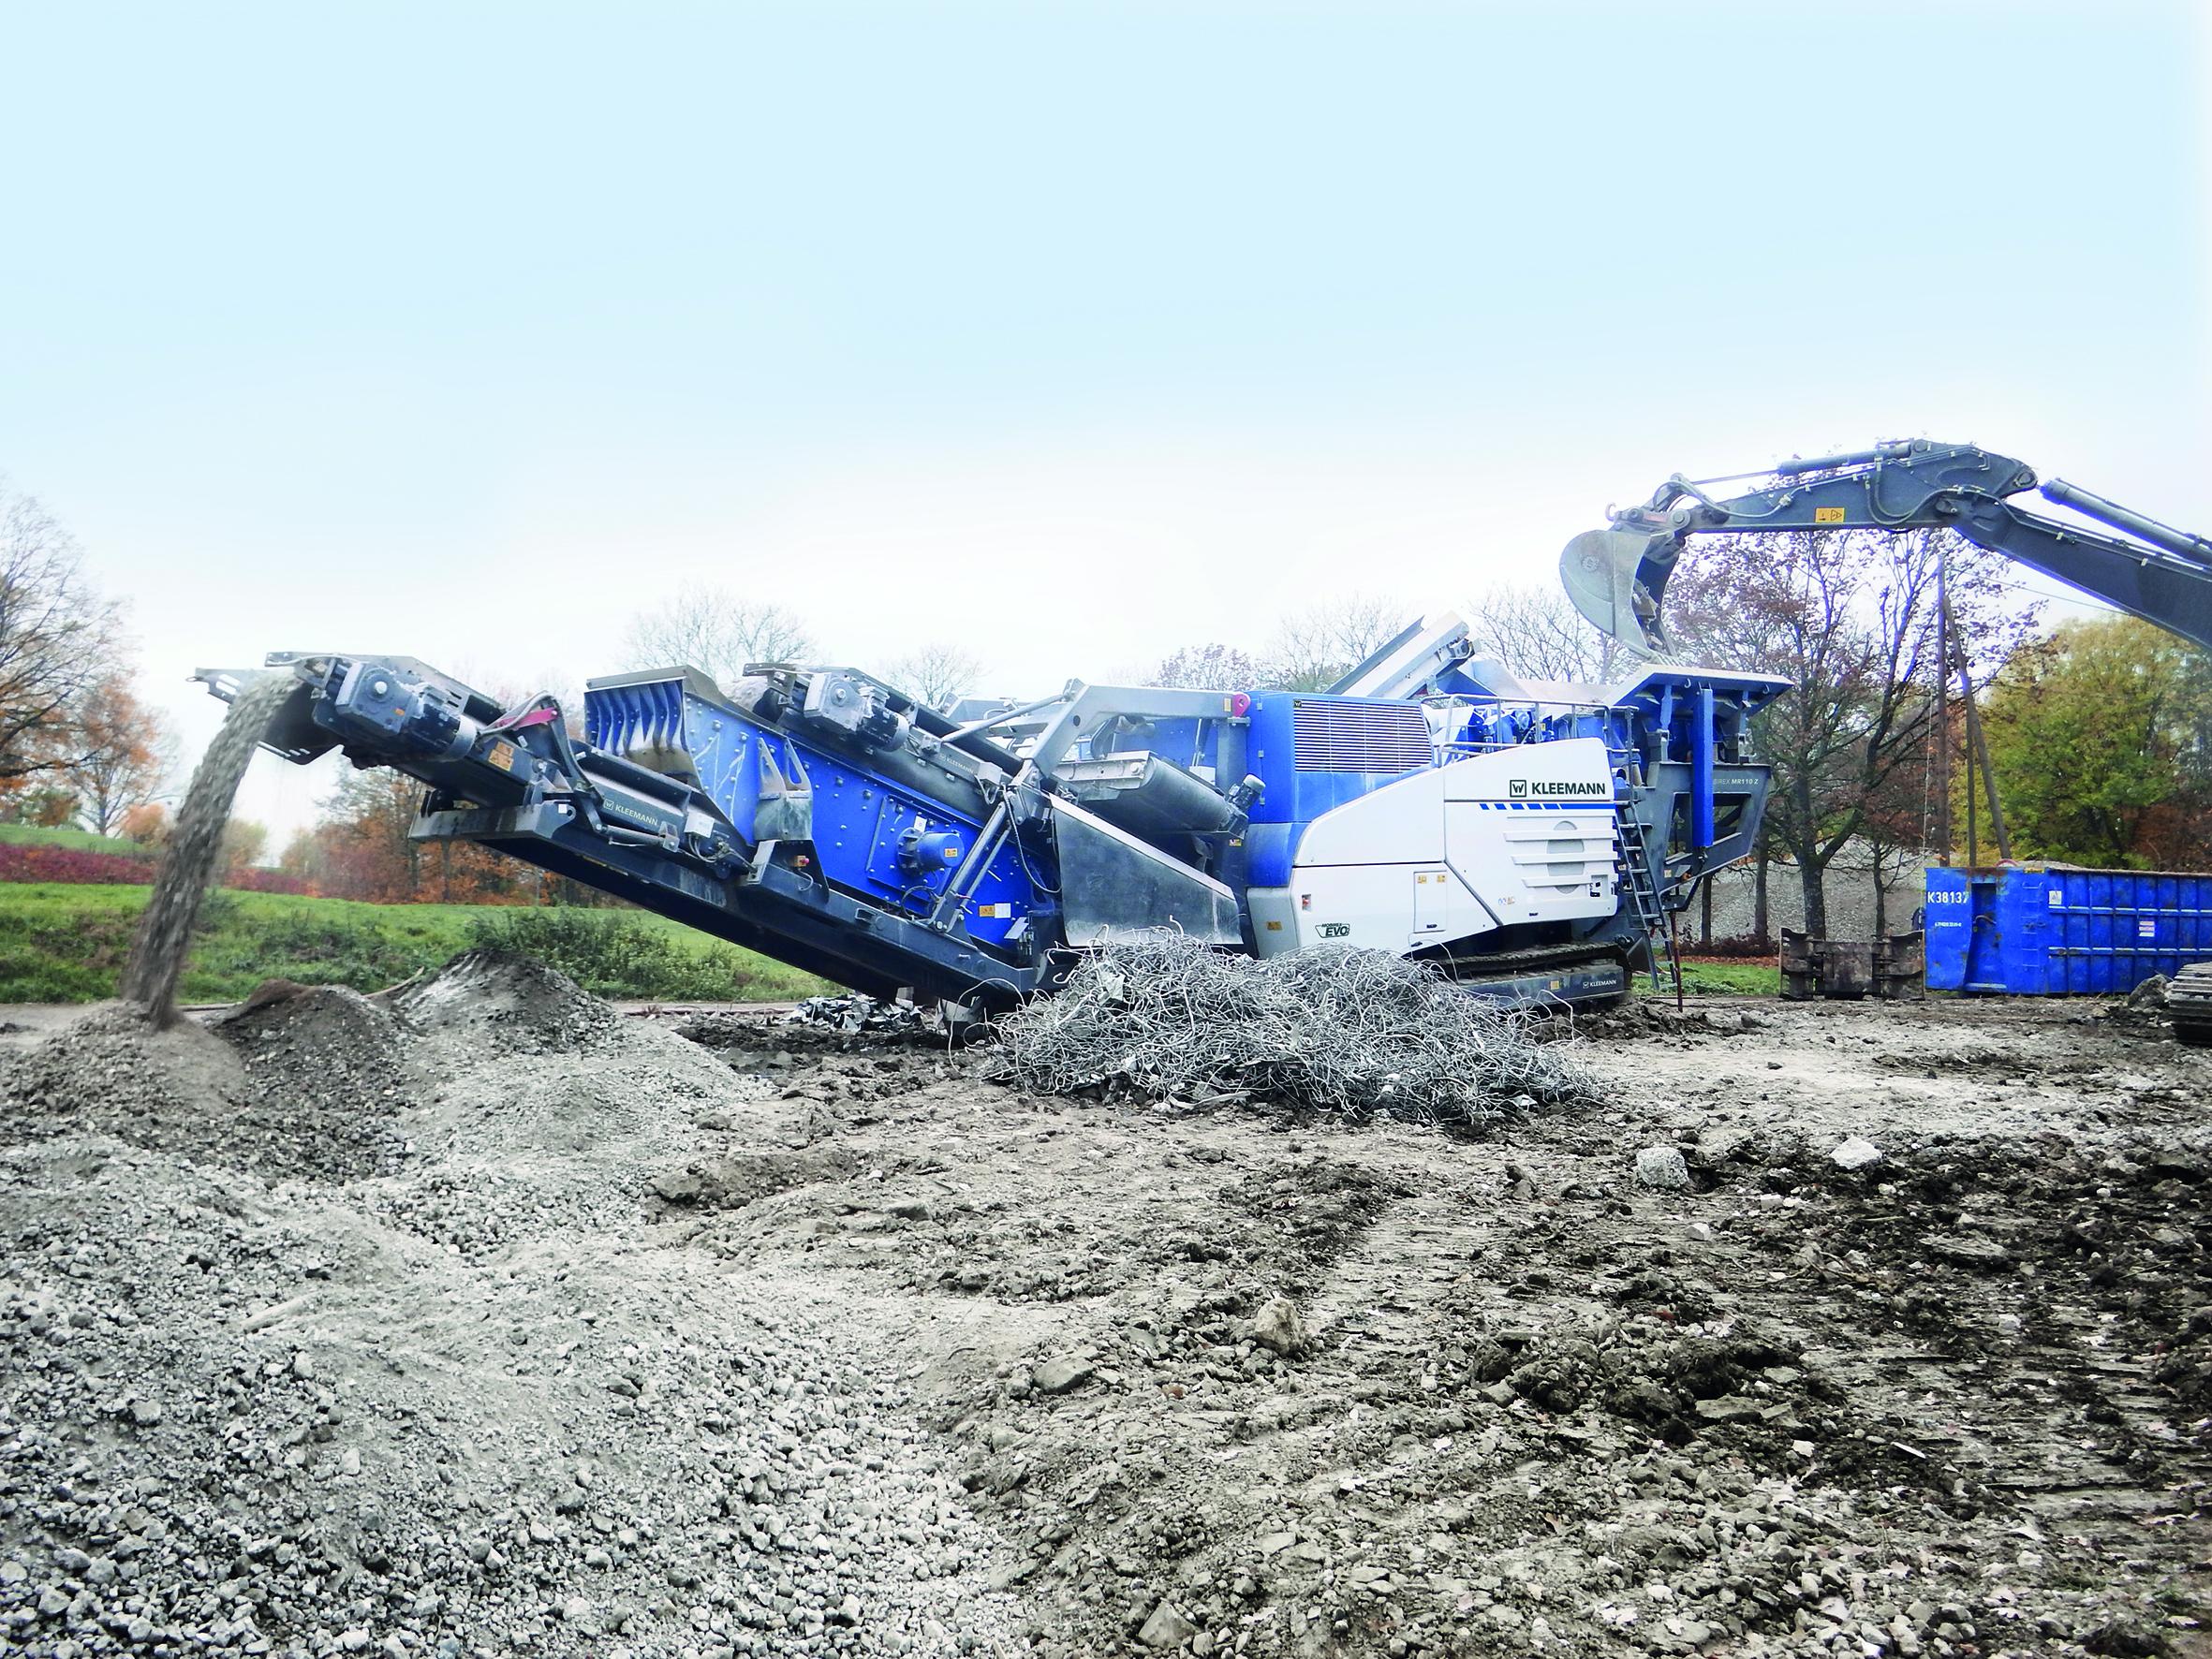 Der mobile KLEEMANN Prallbrecher MOBIREX MR 110 Z EVO2 arbeitet sowohl in Naturstein- als auch Recyclinganwendungen effizient.